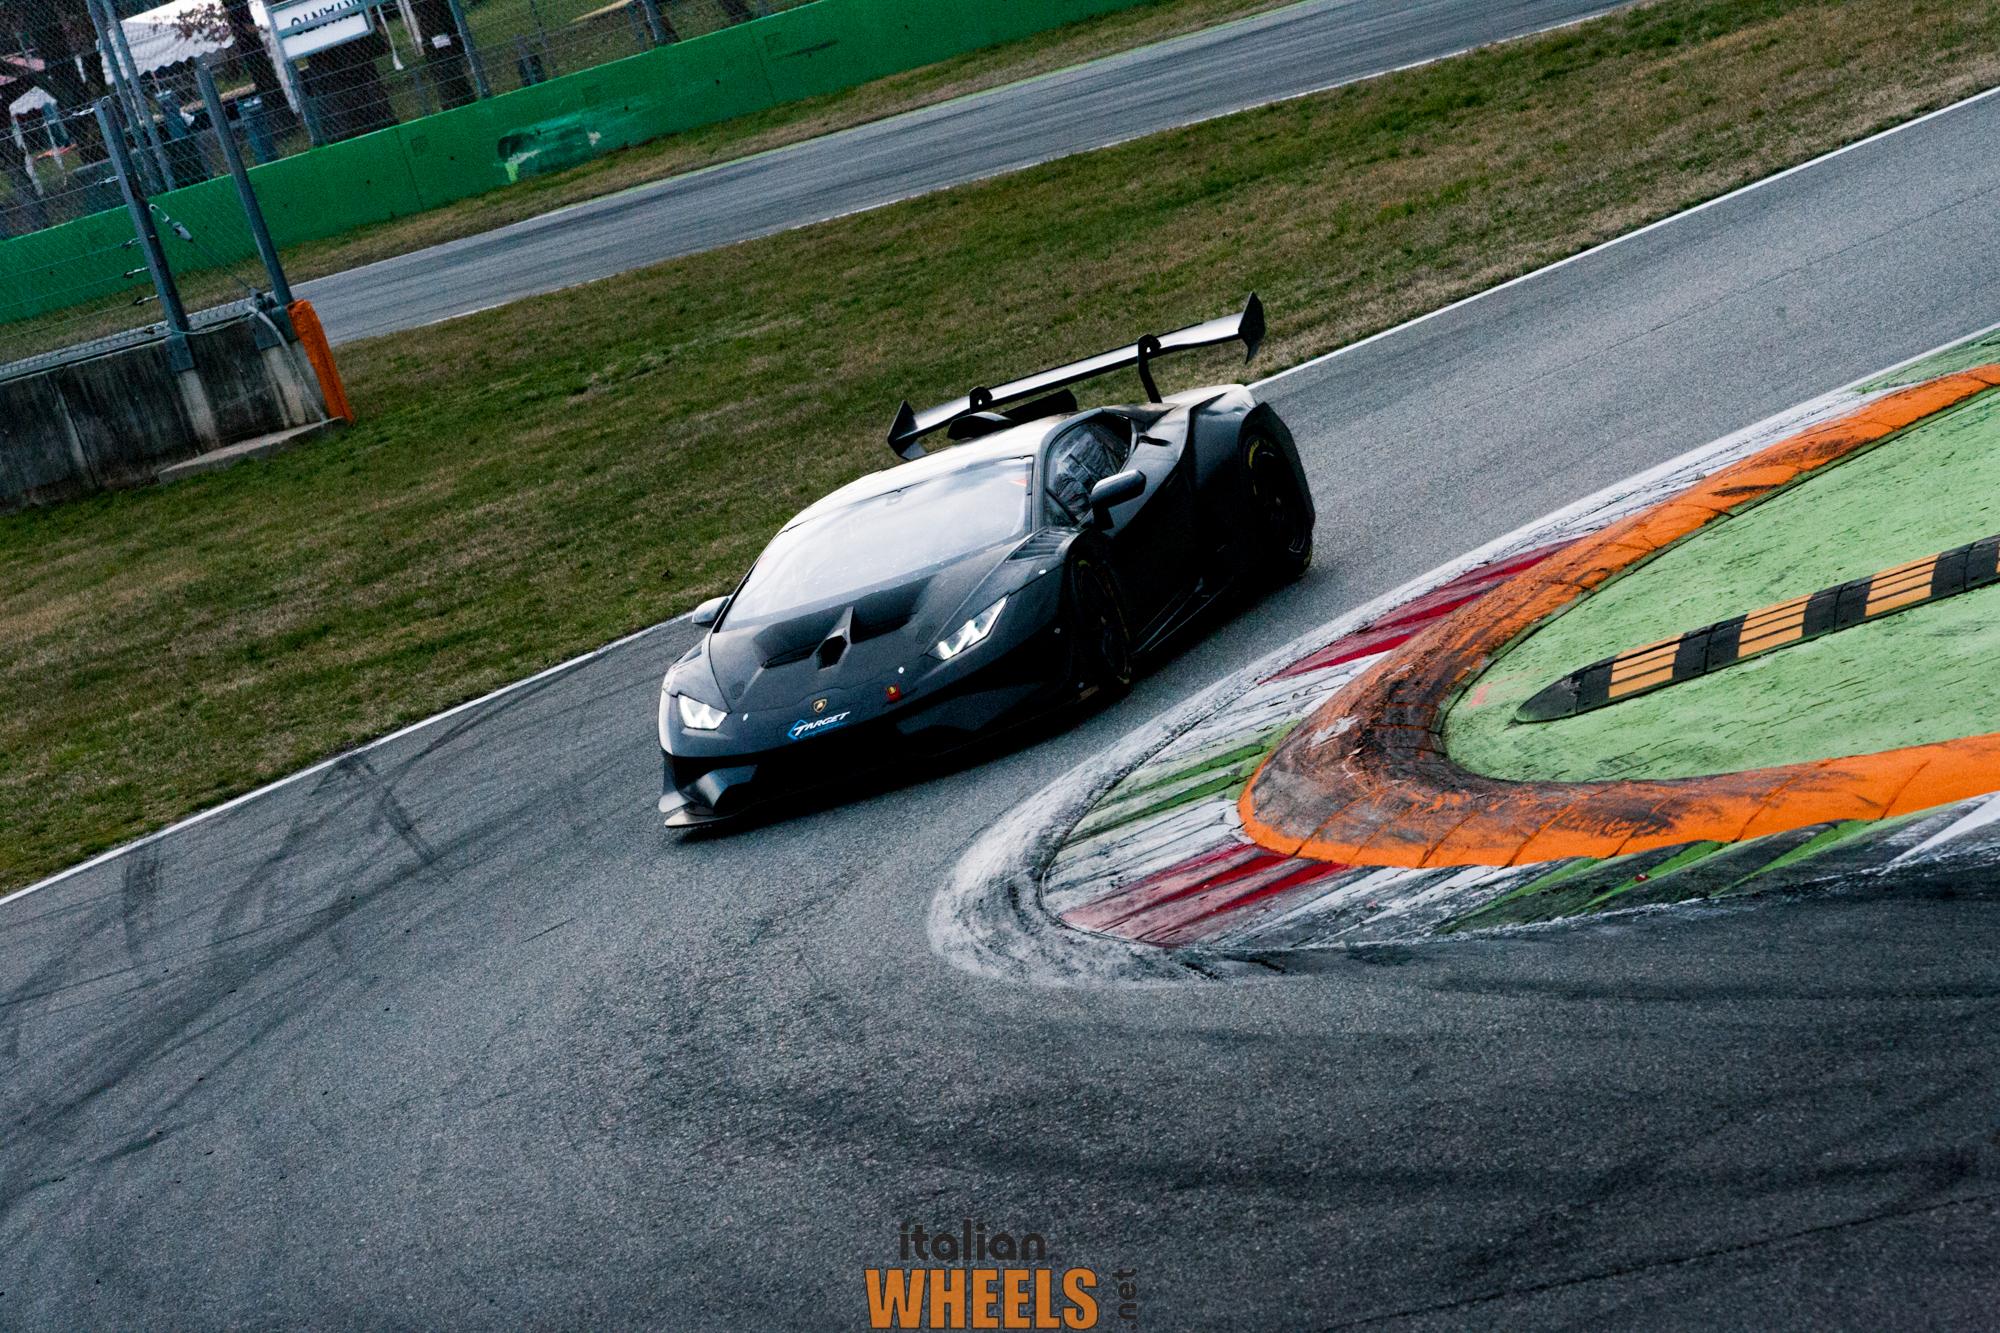 La NUOVA Lamborghini Huracán Super Trofeo Evo in azione a Monza